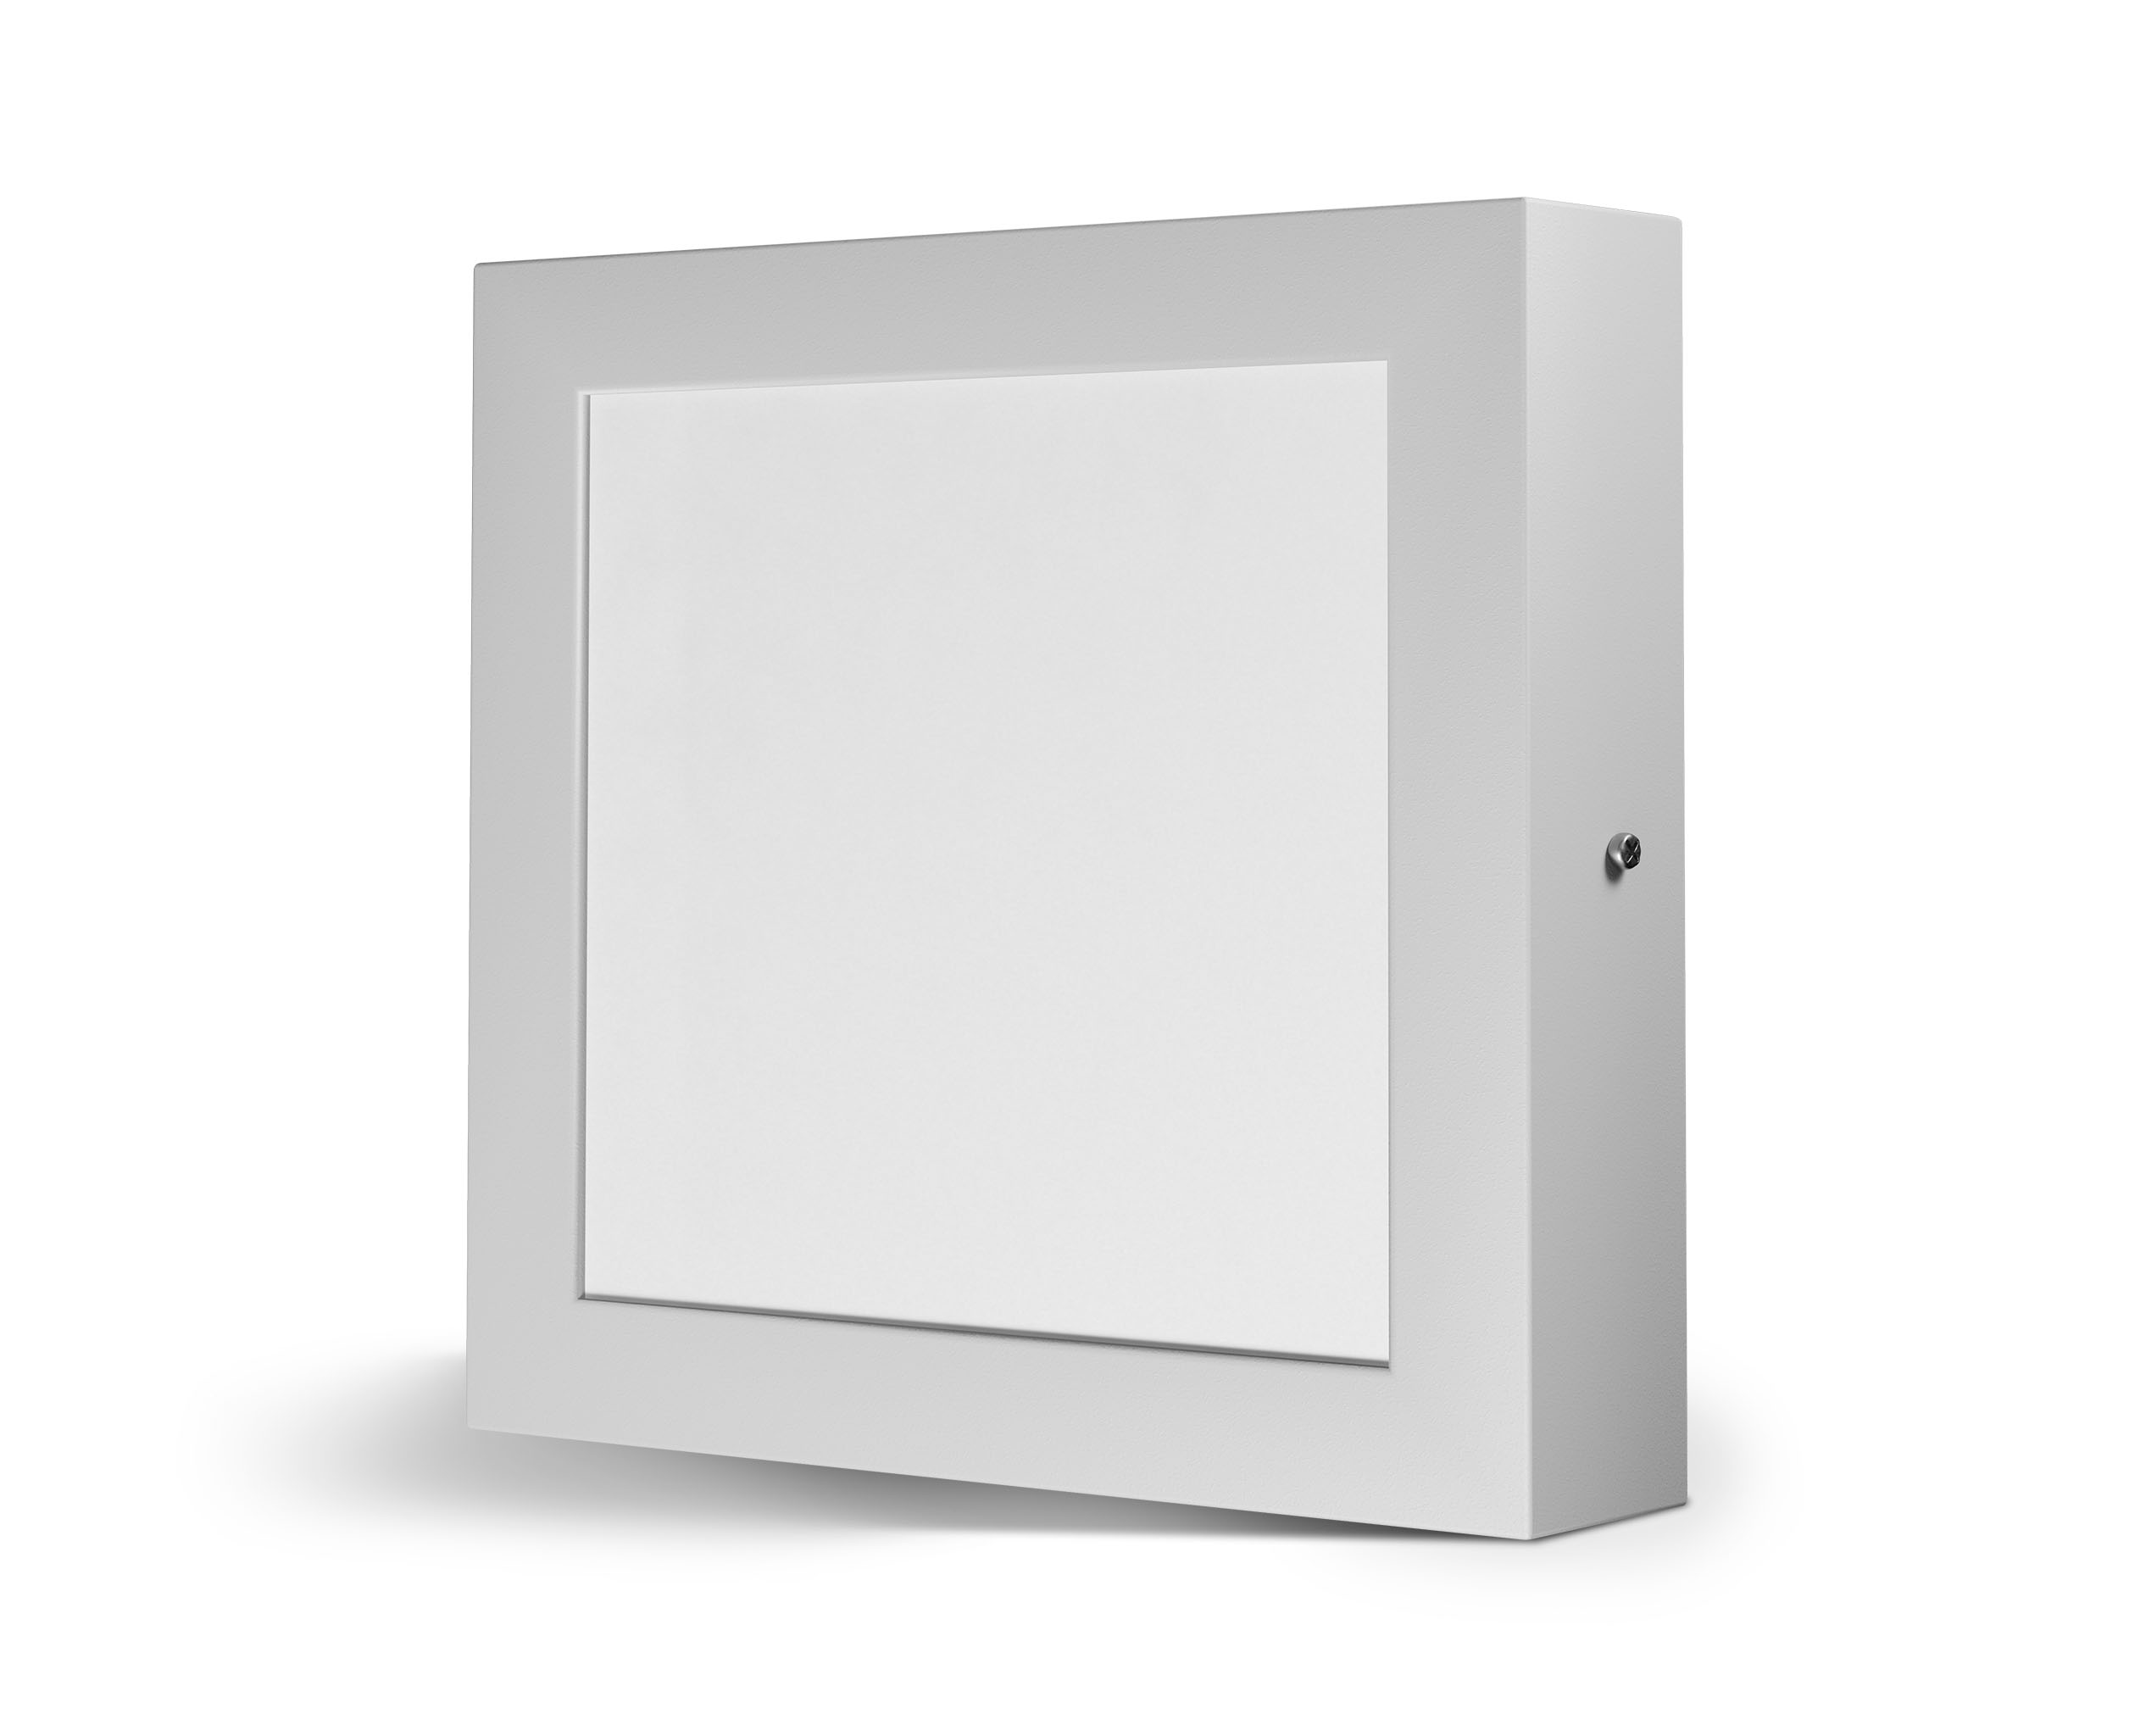 Plafon Led 12w 15×15 Quadrado 6500k Sobrepor Spotlux Elmig